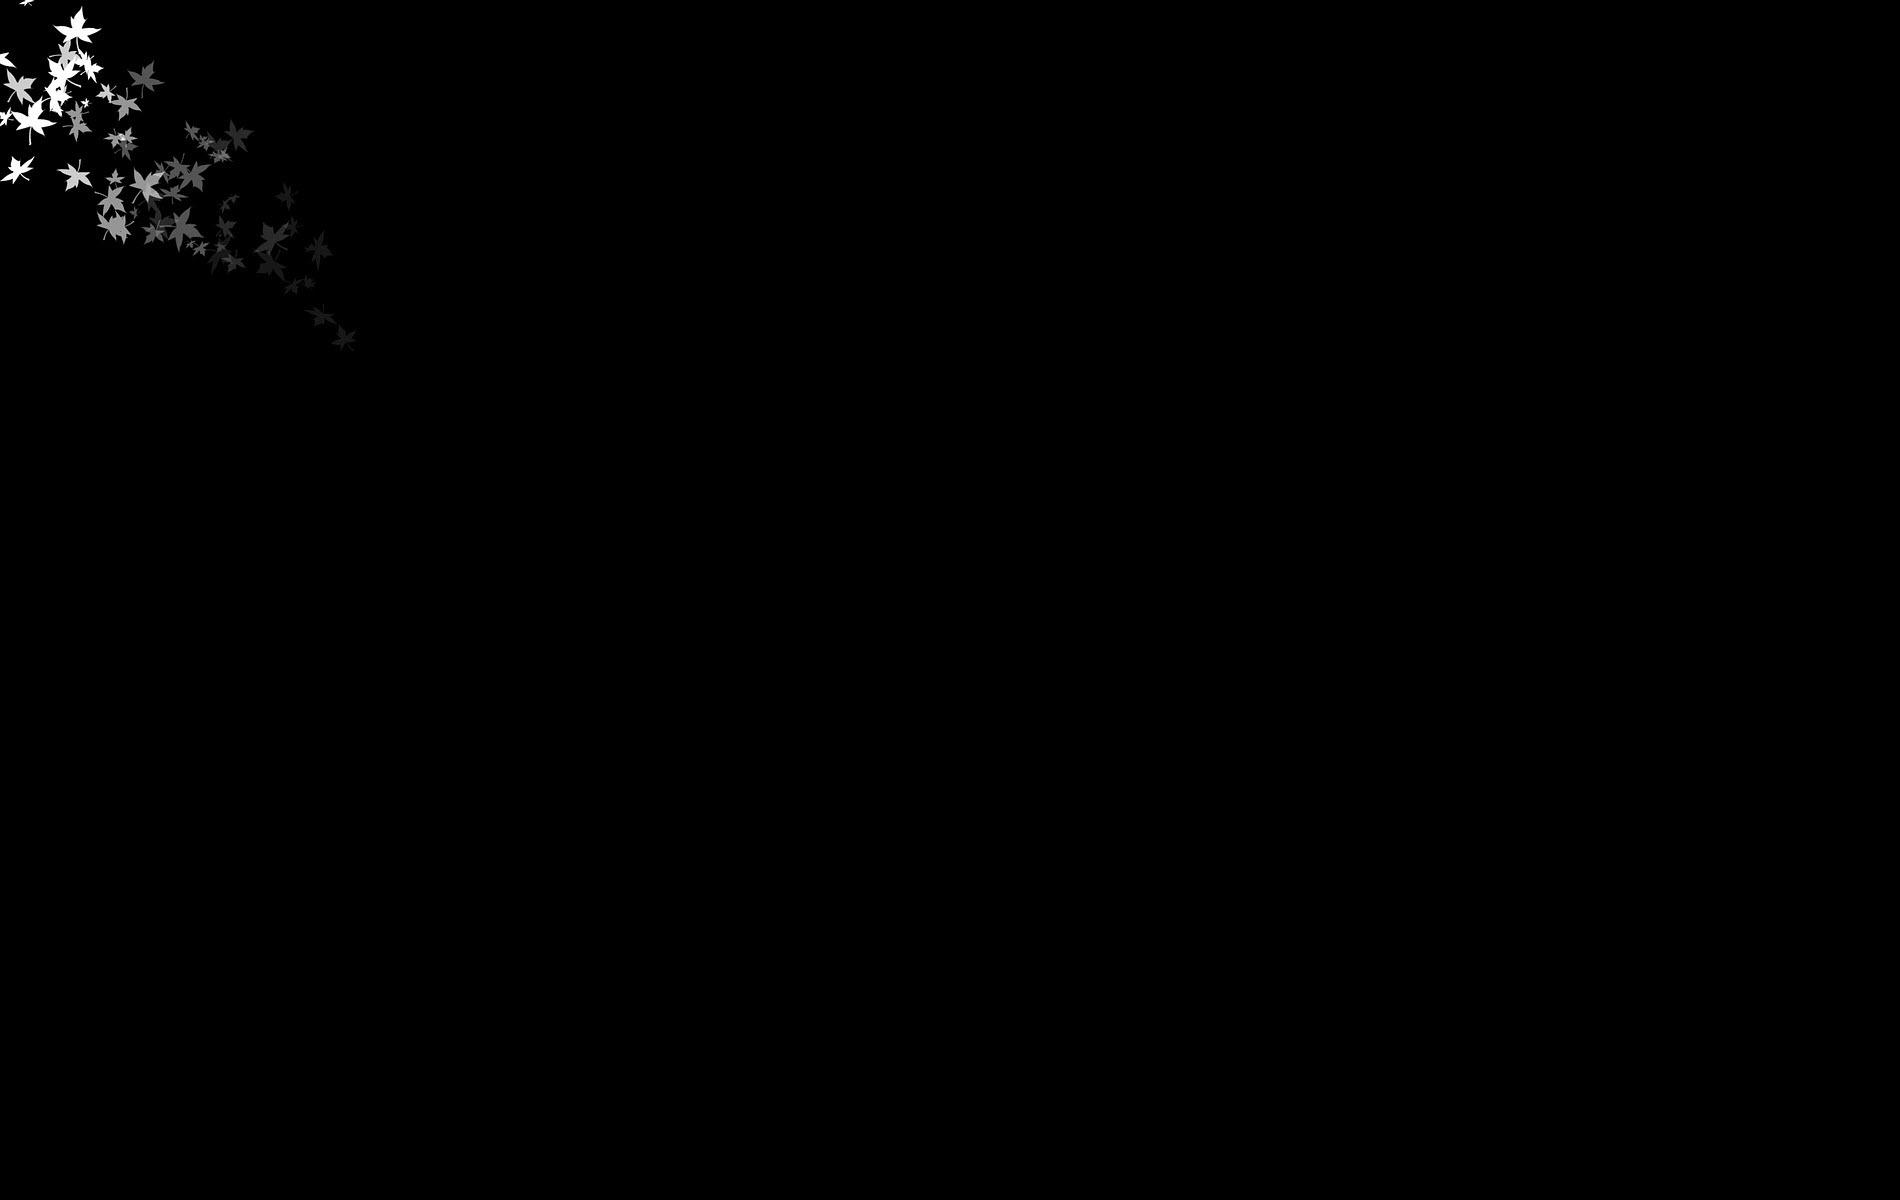 Hình ảnh màu đen cho powerpoint